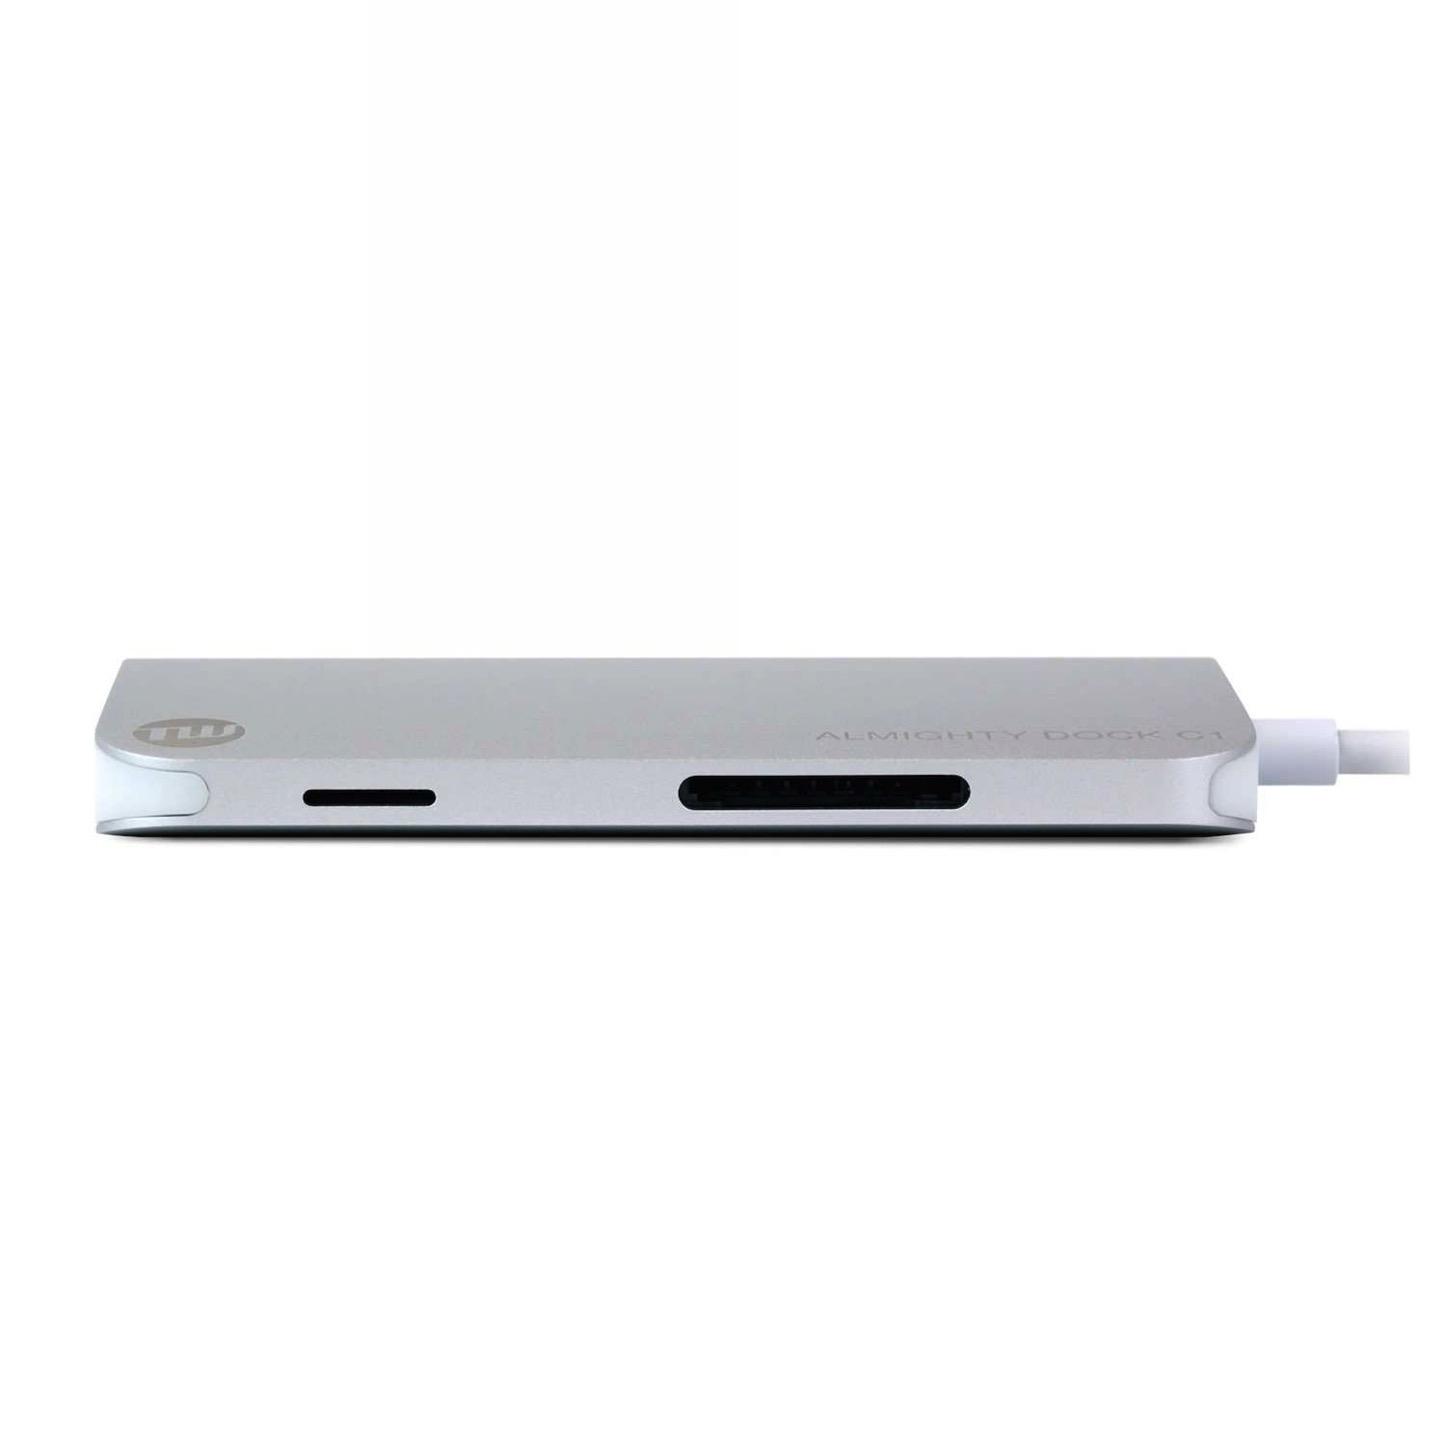 Almighty-dock-USB-C-2.jpg